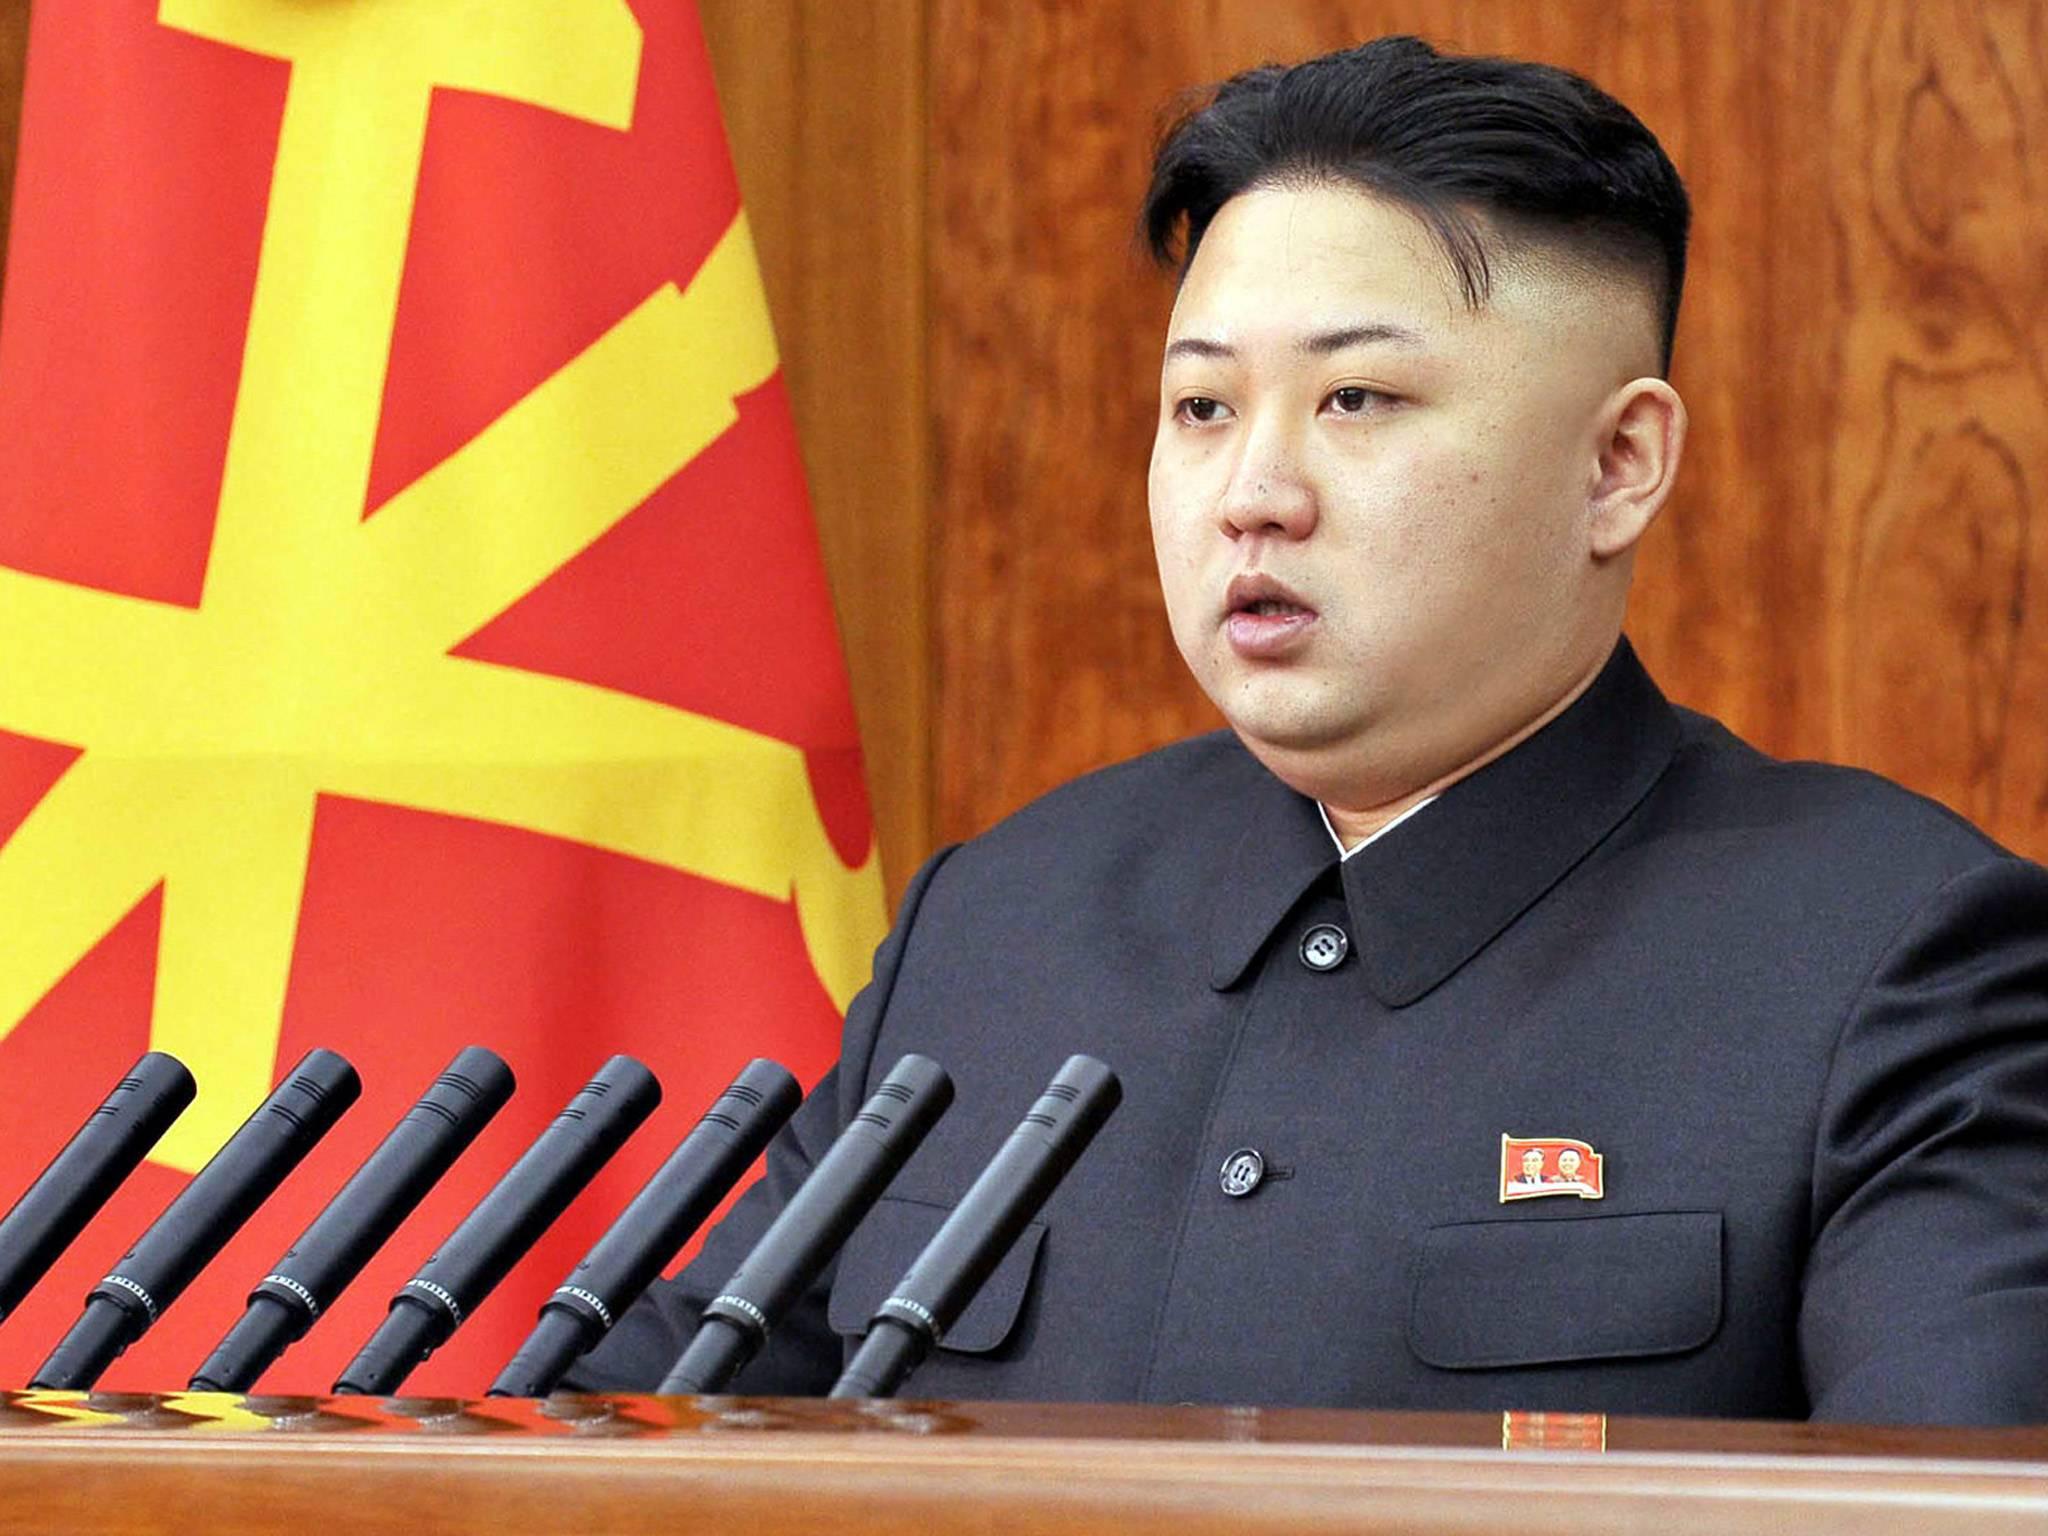 """Truyền thông quốc tế đã bị ông Kim Jong Un trẻ tuổi """"xỏ mũi""""? 2"""